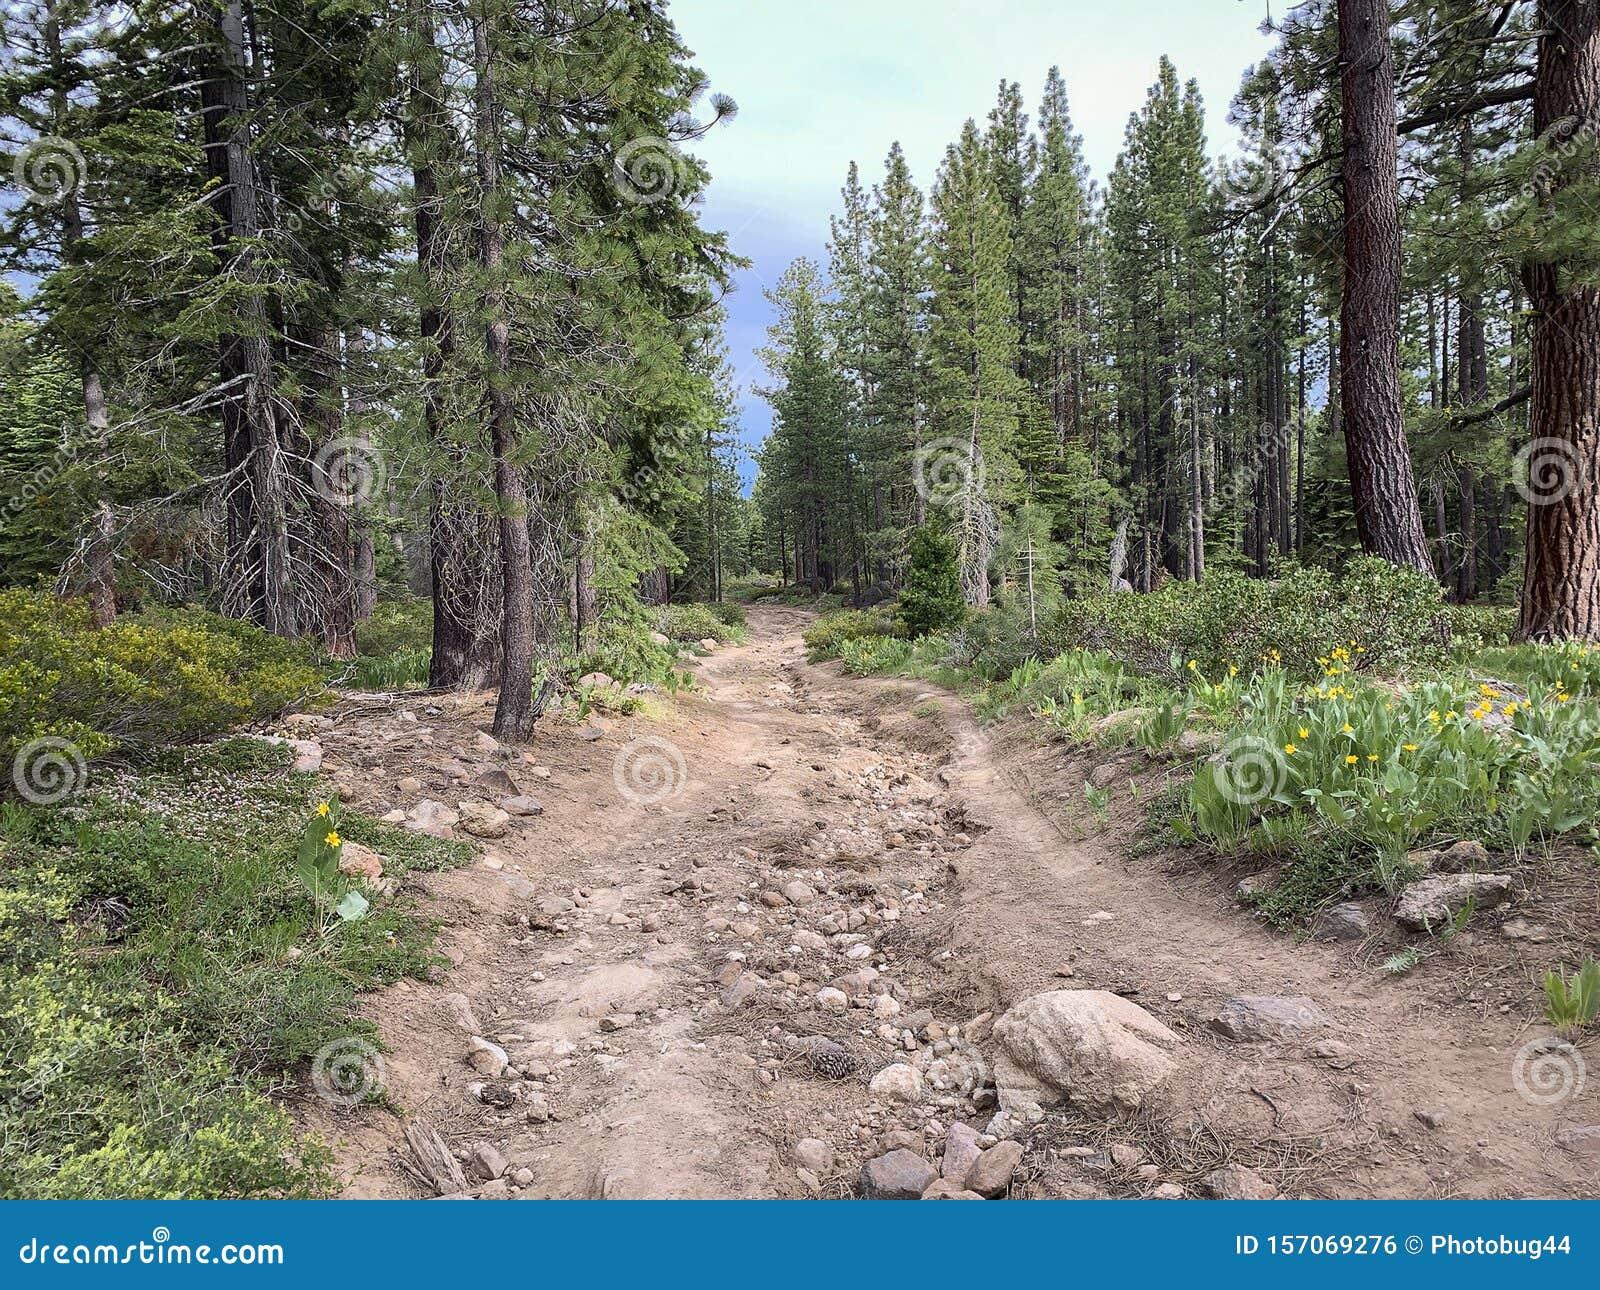 Pista De Ciclismo De Montaa A En Los Bosques De California Foto De Archivo Imagen De Verde Escenico 157069276